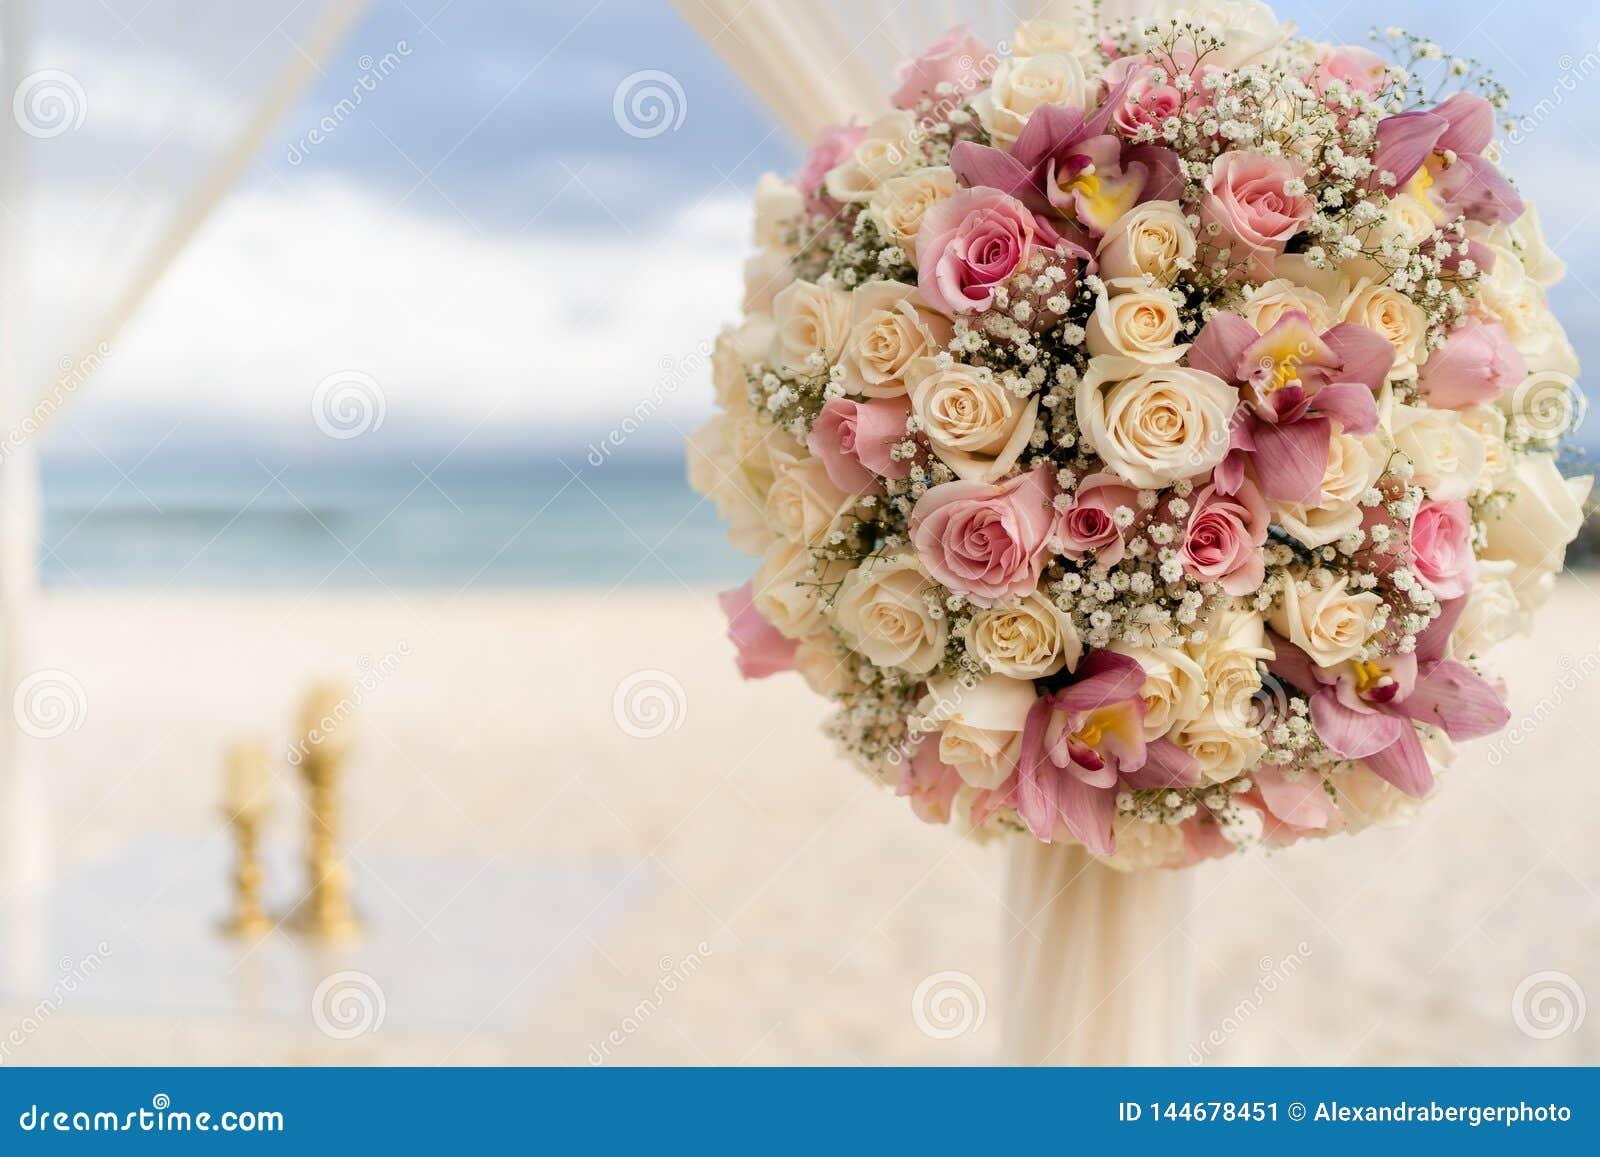 Décoration romantique avec des fleurs d un mariage de plage sur la plage avec la mer à l arrière-plan